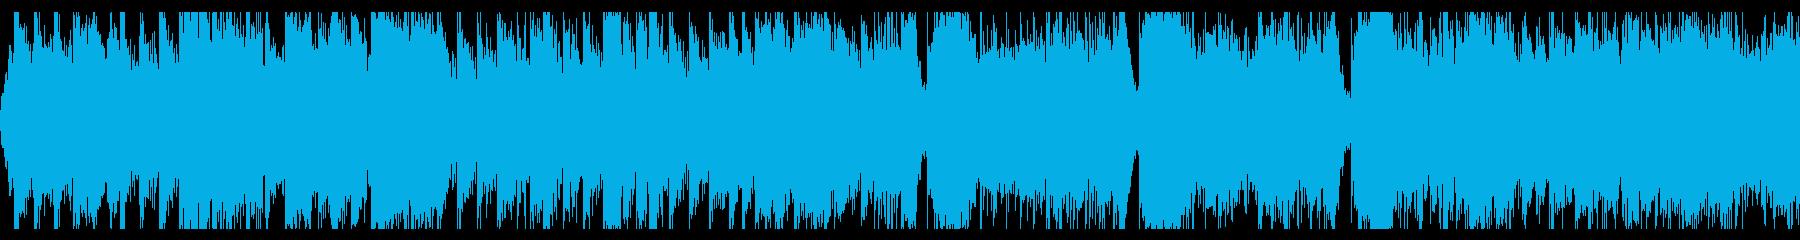 シンフォニックで勇壮な曲の再生済みの波形